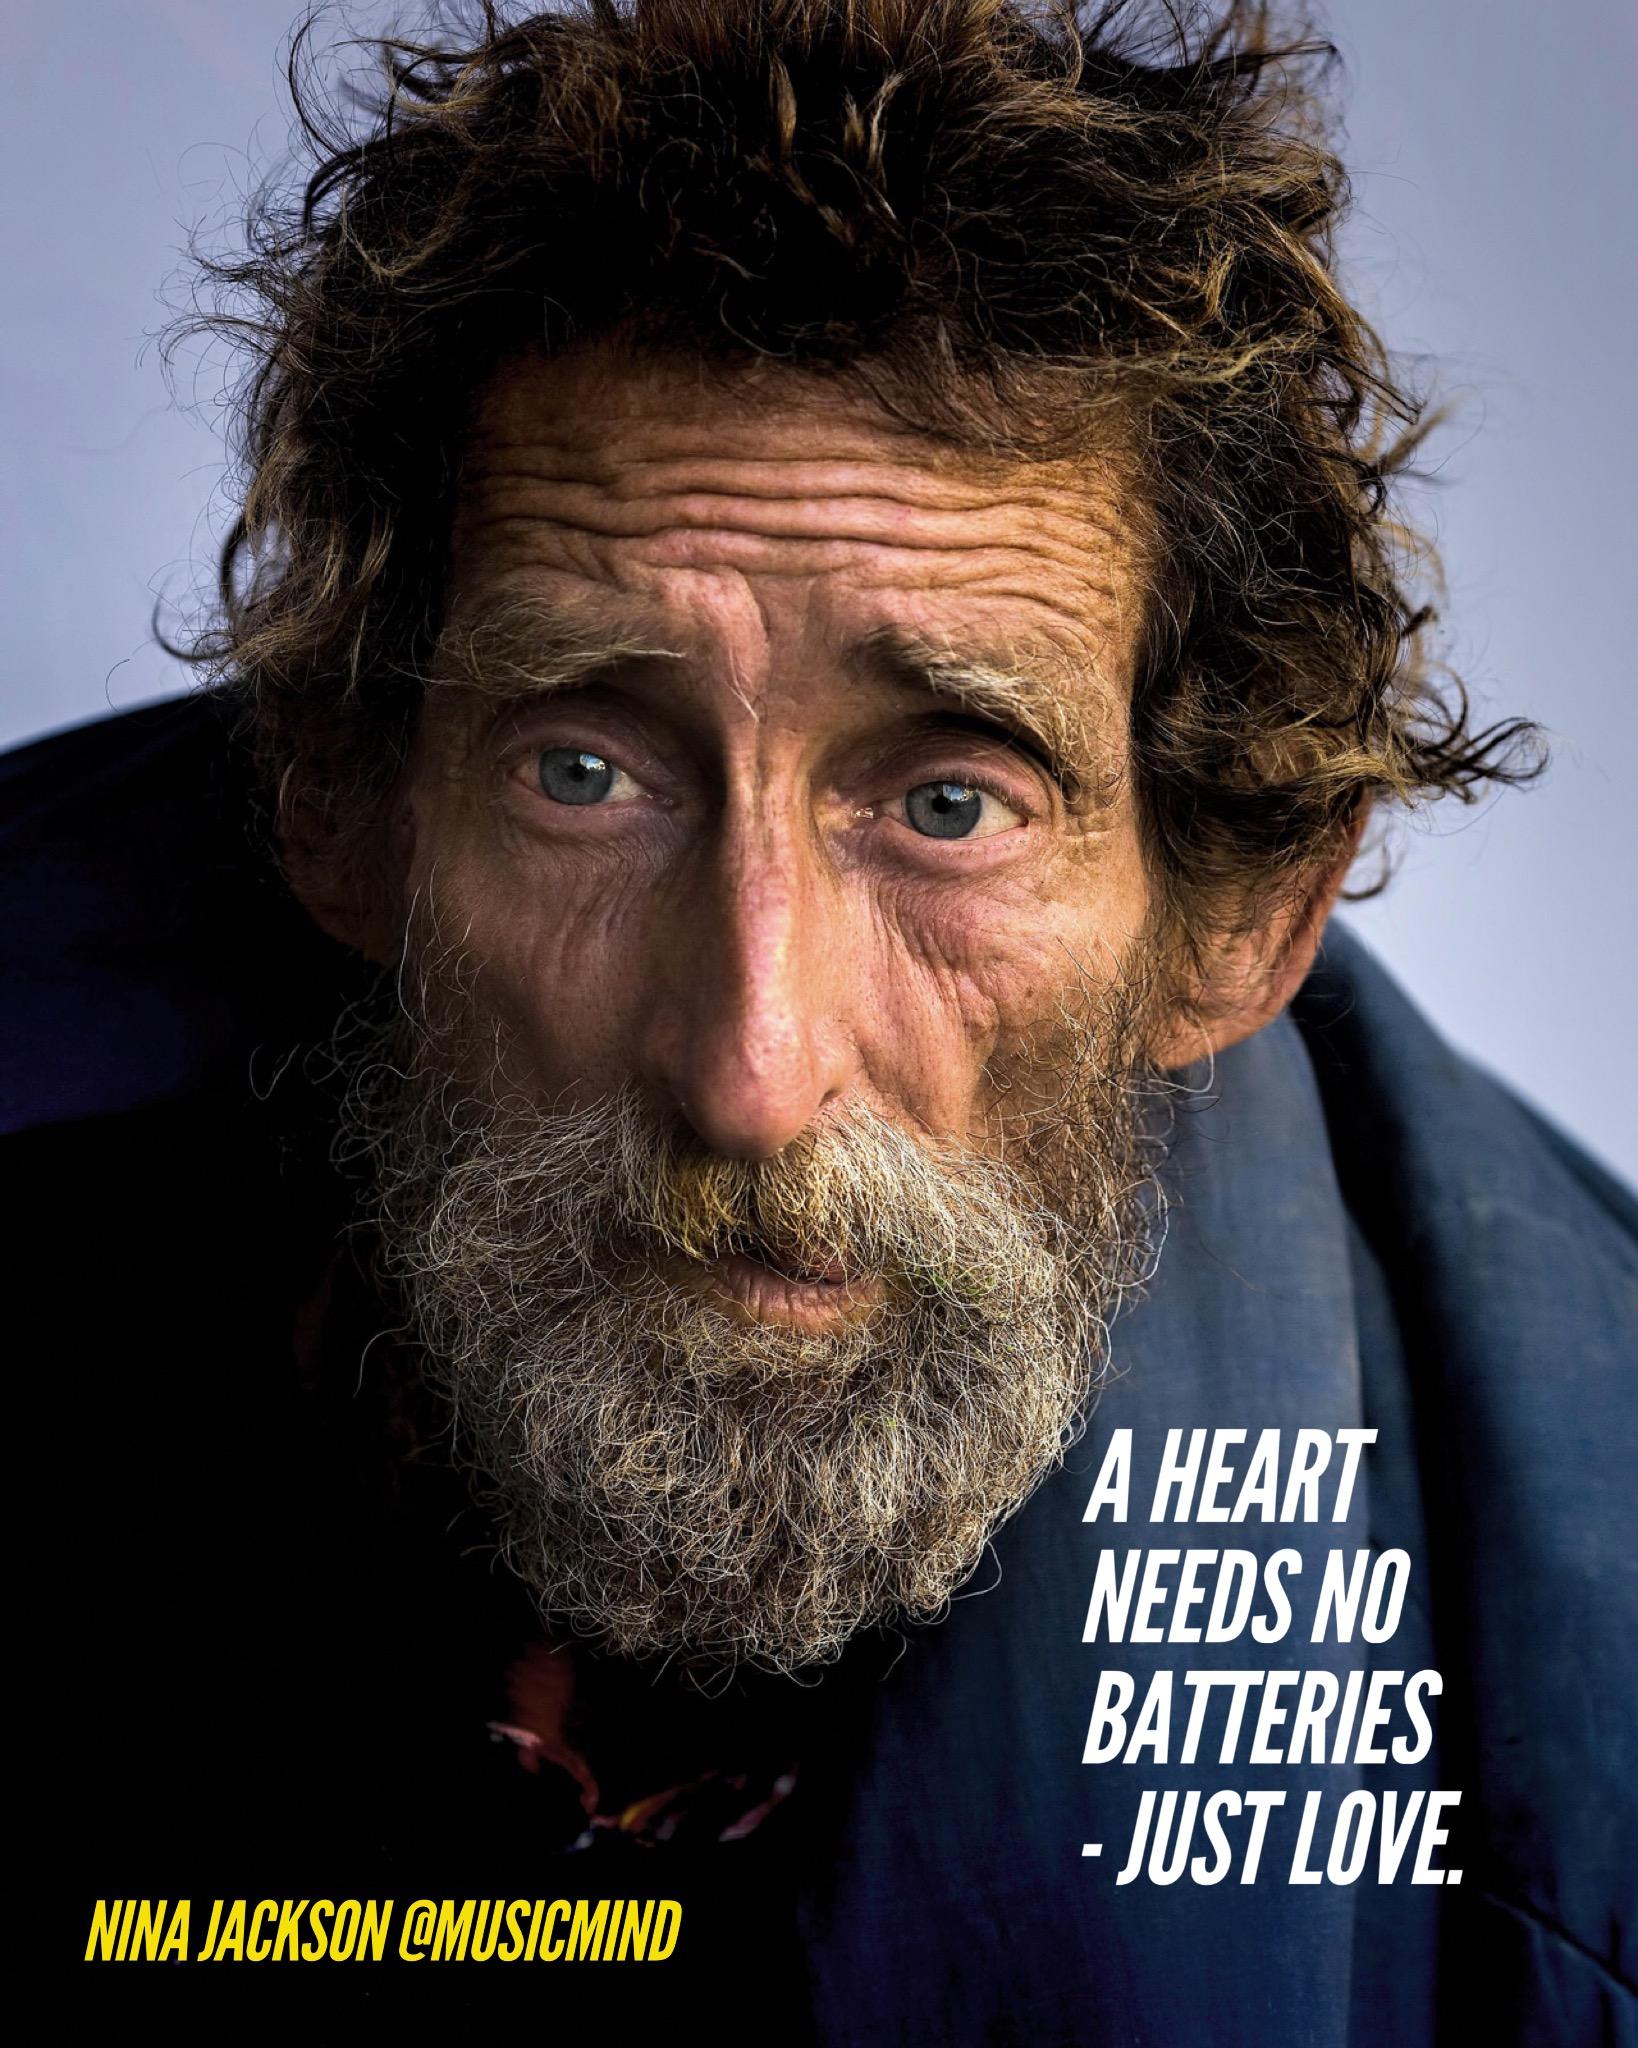 A heart needs no batteries – just love.